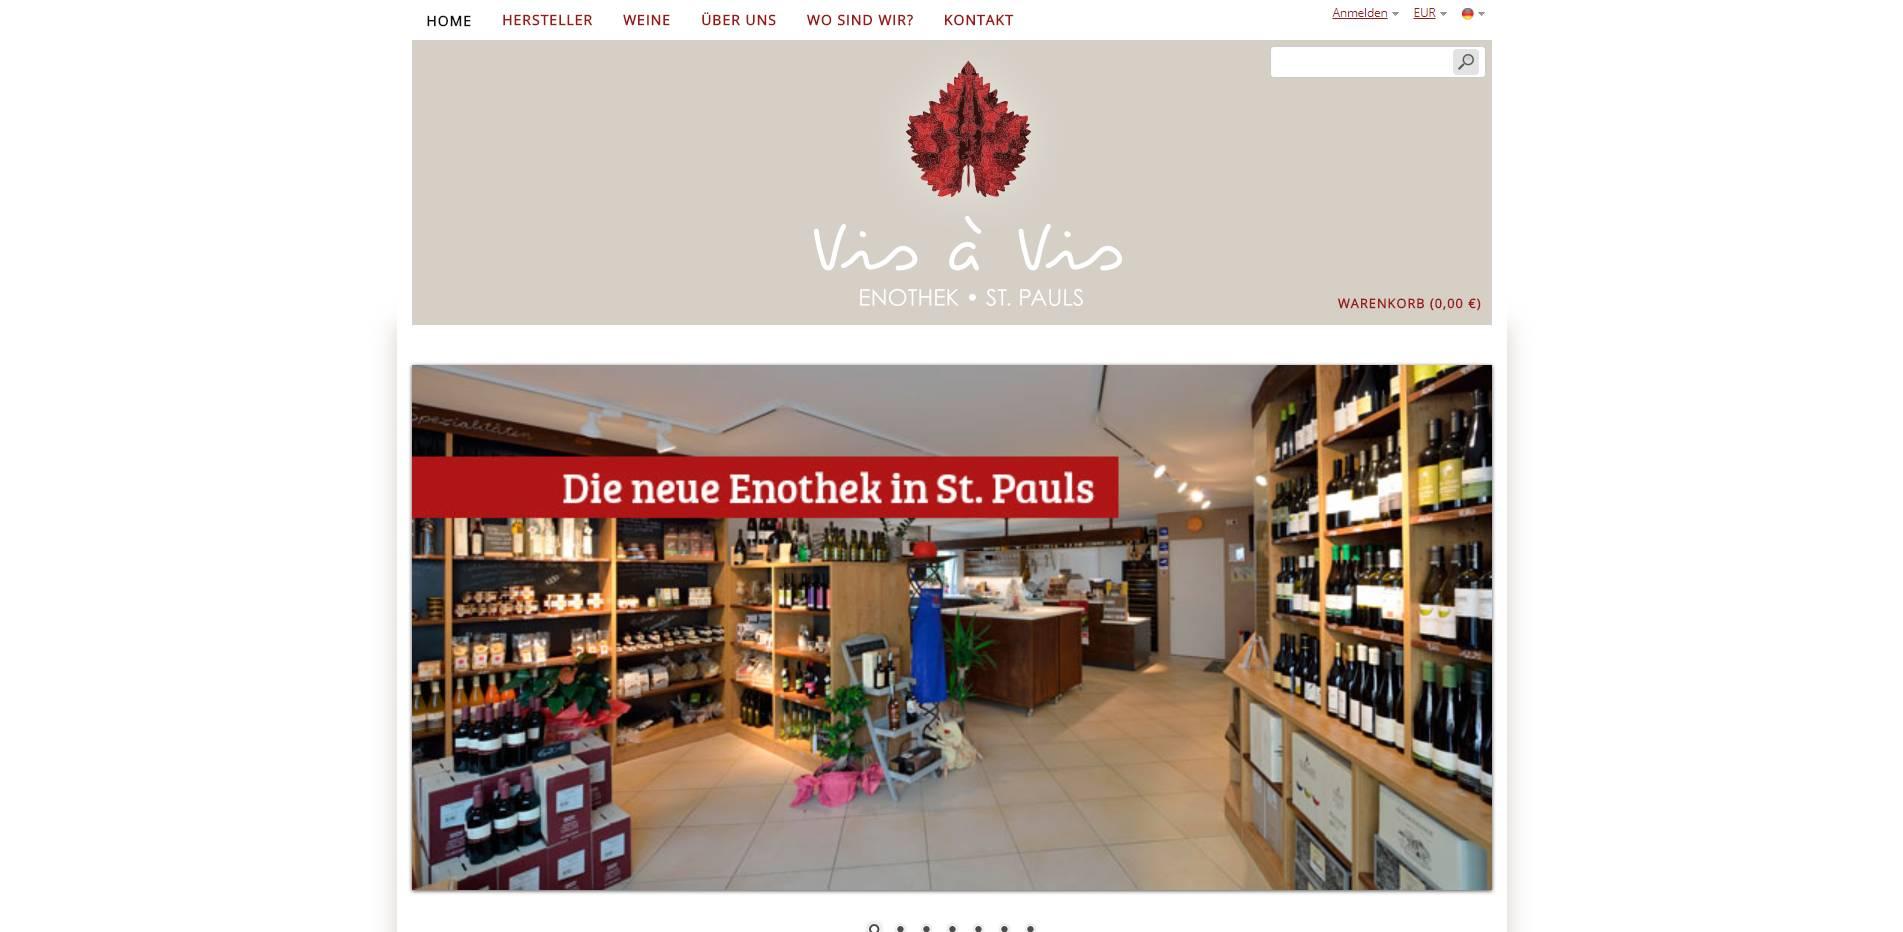 visavis-shop.com